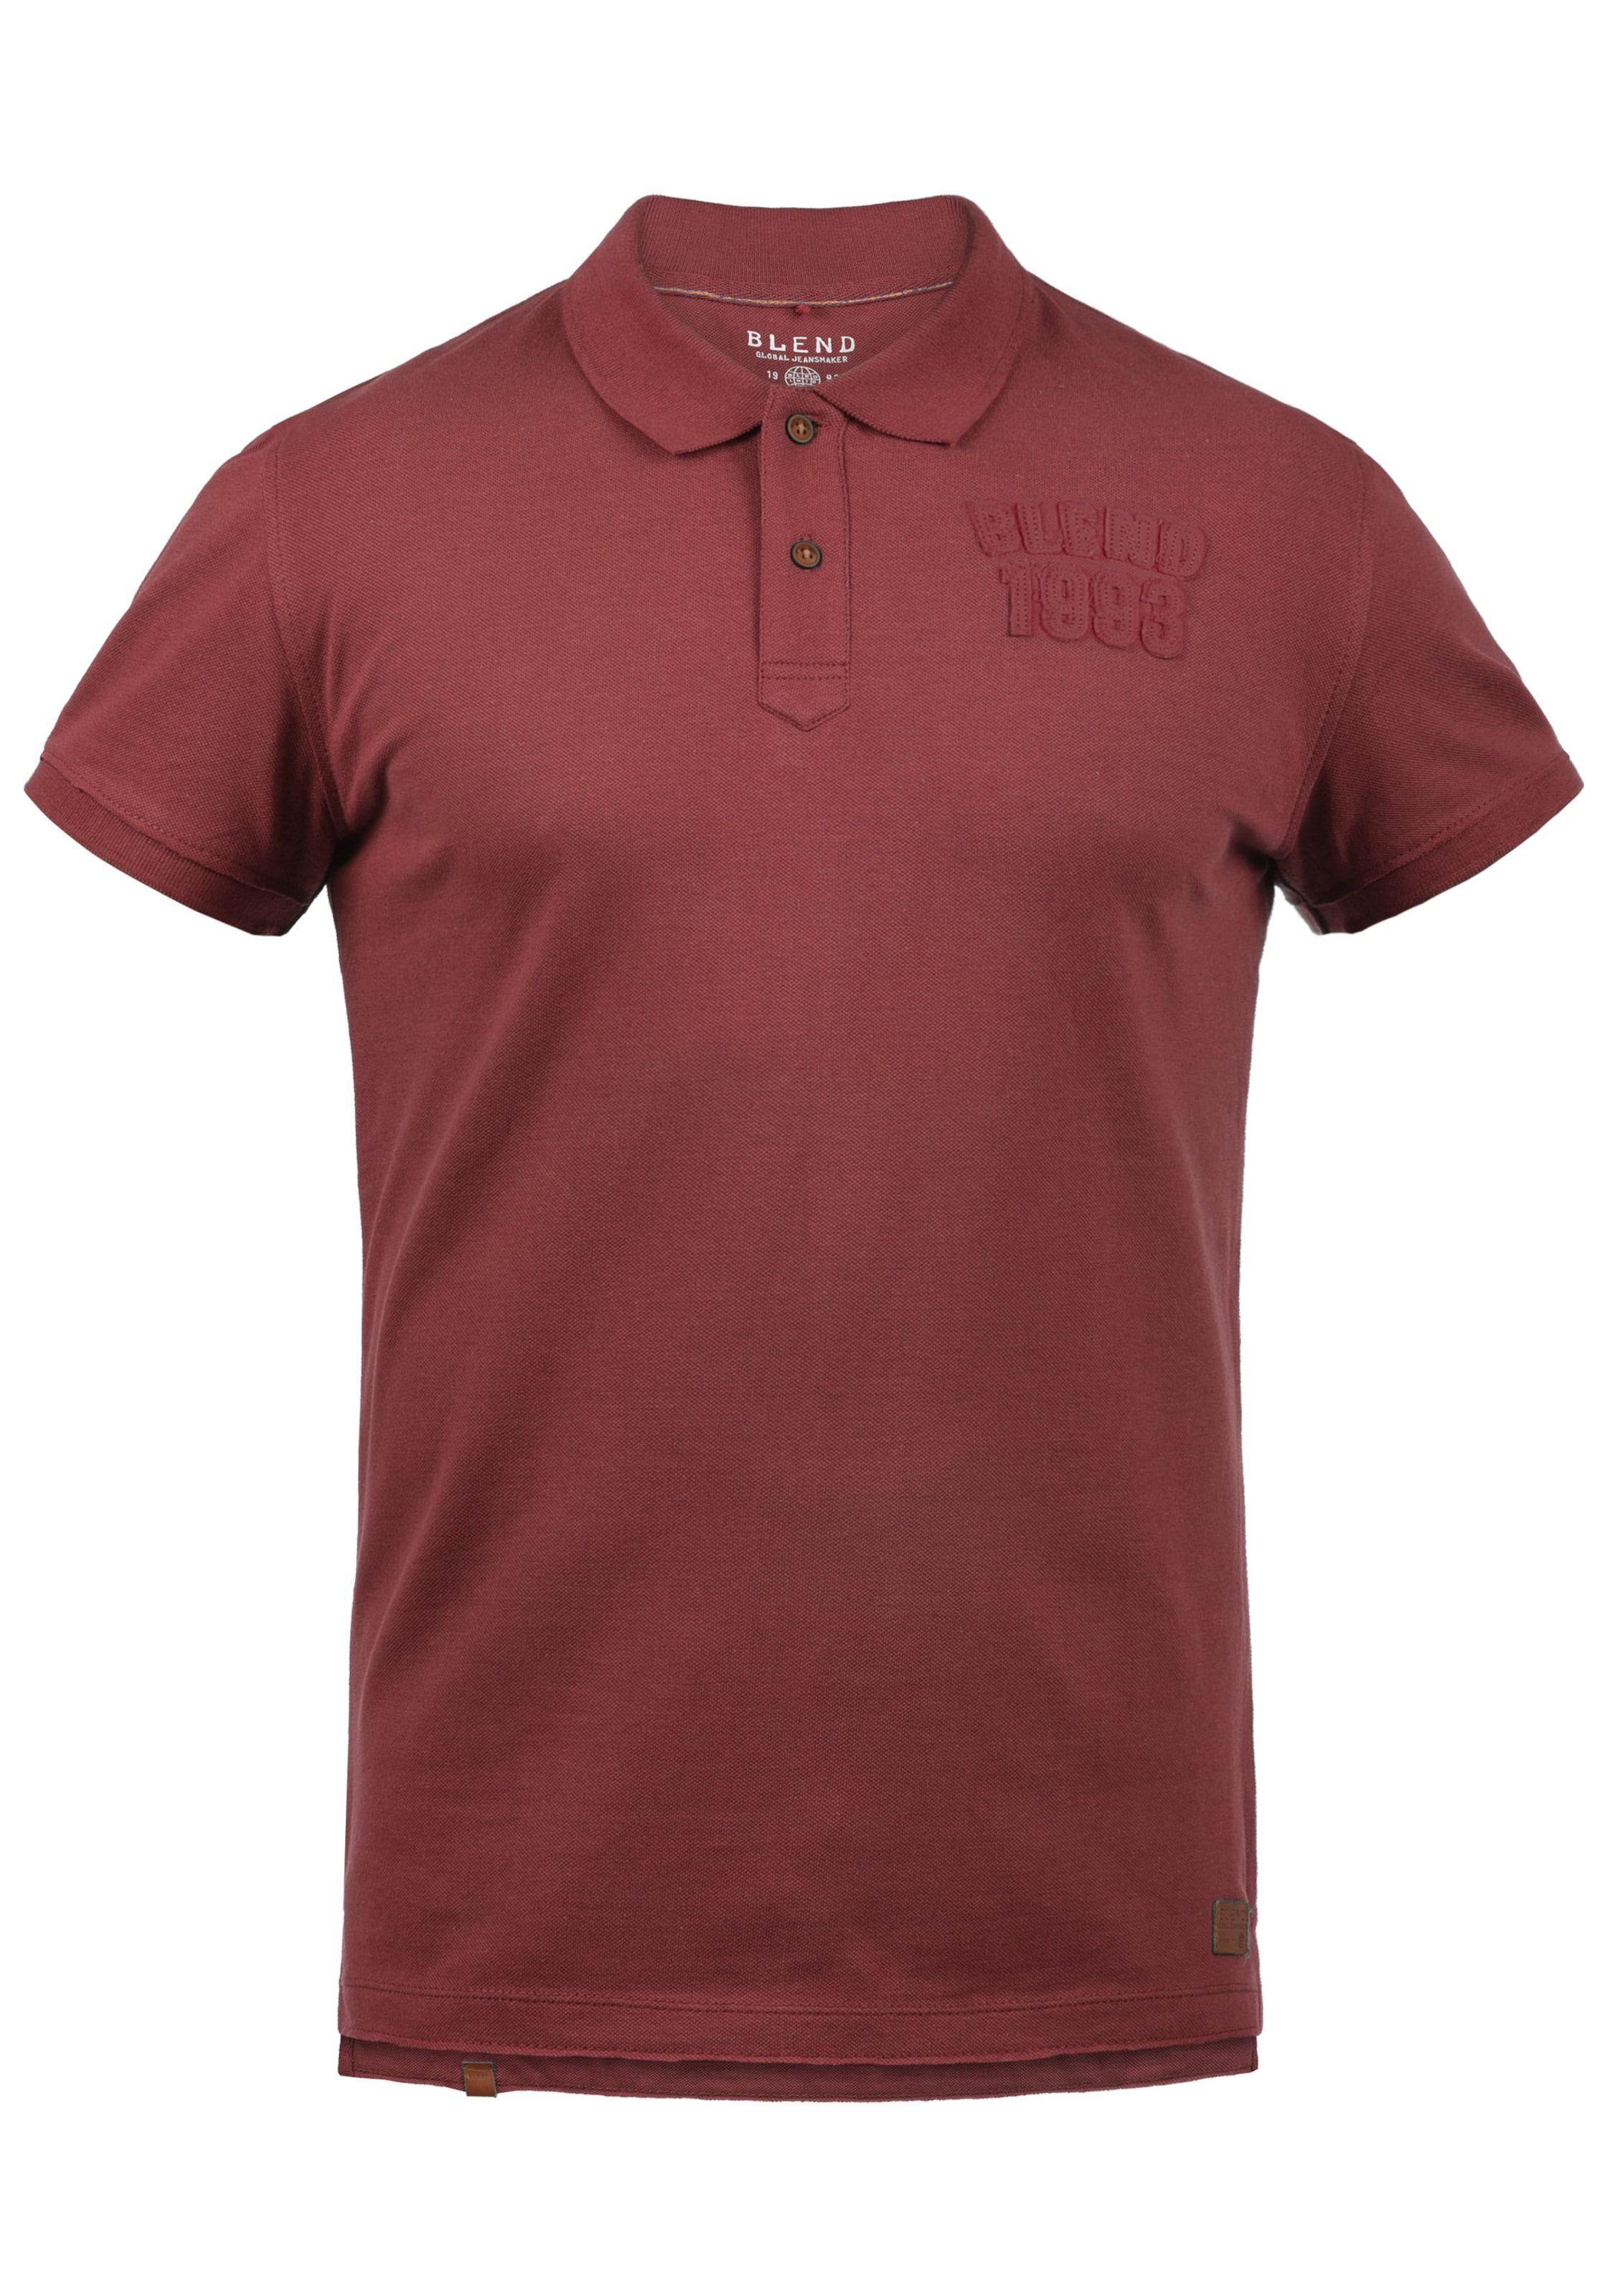 Blend Blend Dunkelrot Poloshirt Poloshirt 'tadeus' In Dunkelrot 'tadeus' In In Blend Poloshirt 'tadeus' n0XZNP8kwO